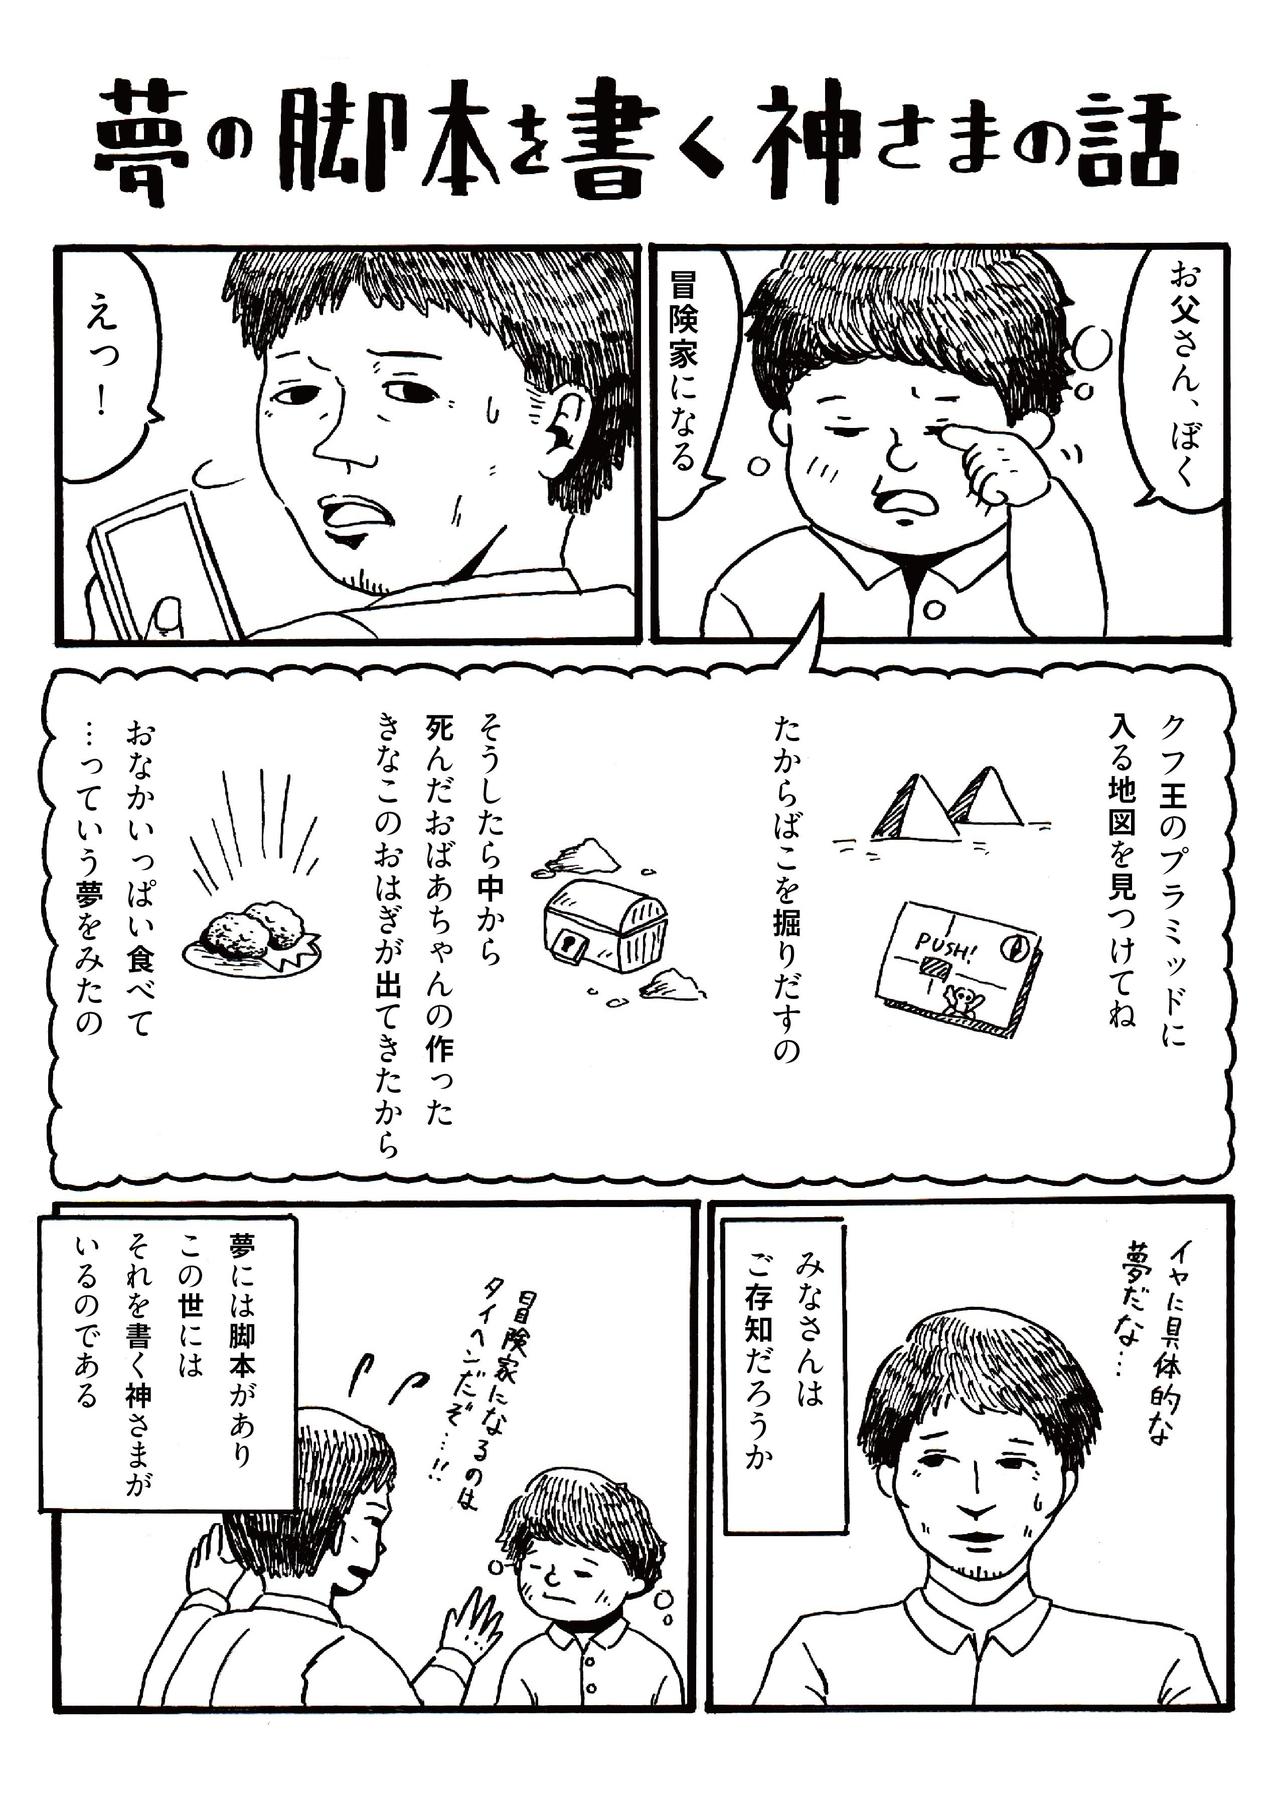 1009_yumenokami_アートボード_1